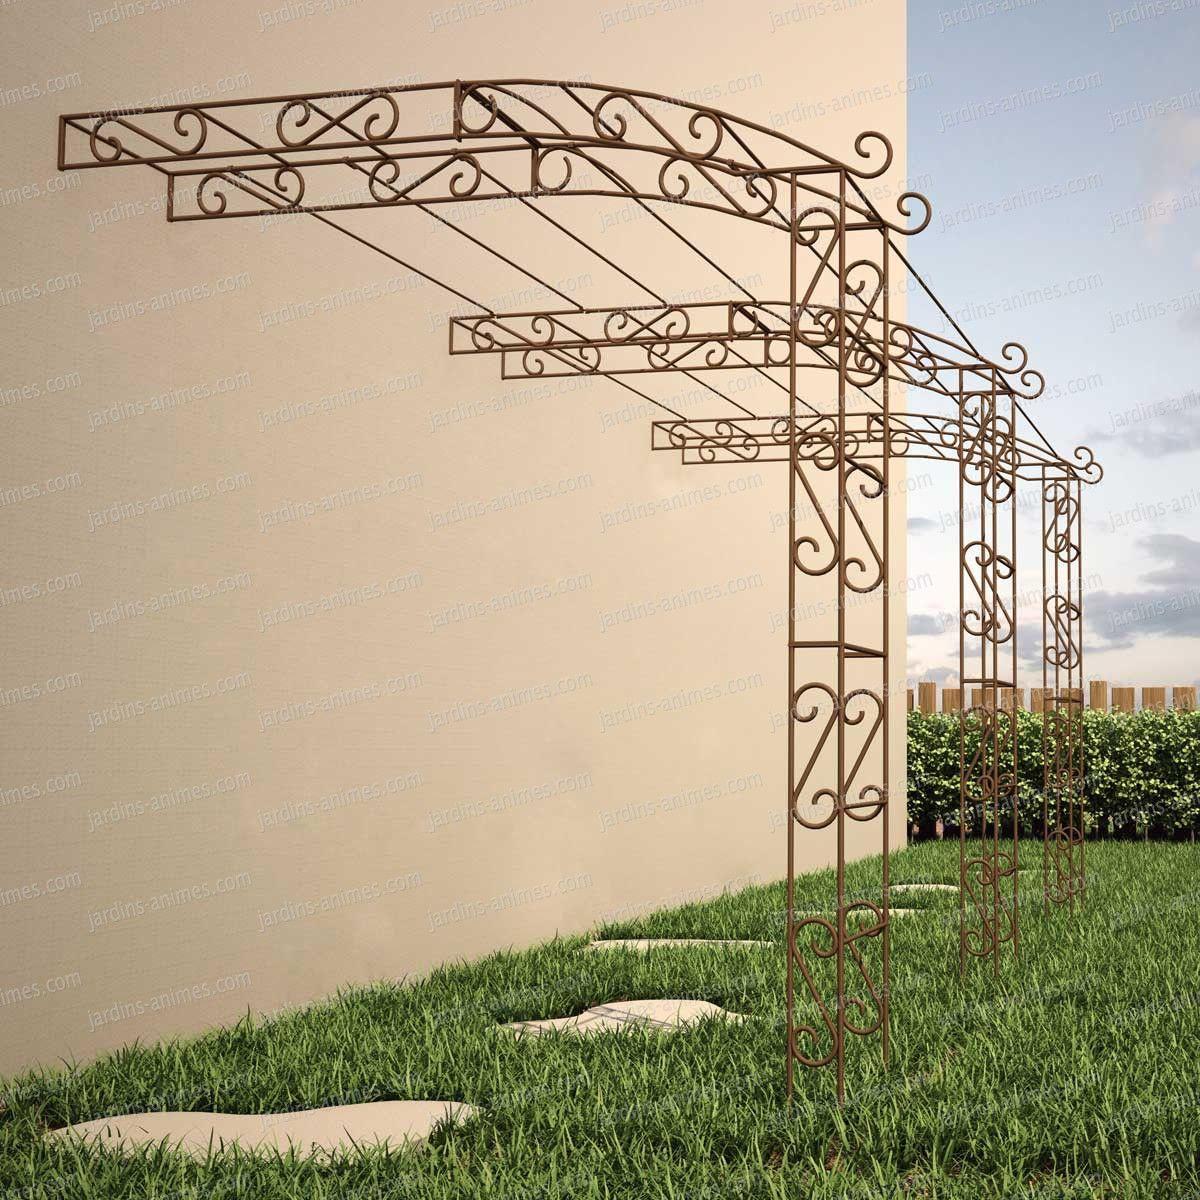 Pergola Adossée En Fer | Arche Jardin, Amenagement Jardin Et ... serapportantà Arche En Fer Forgé Pour Jardin